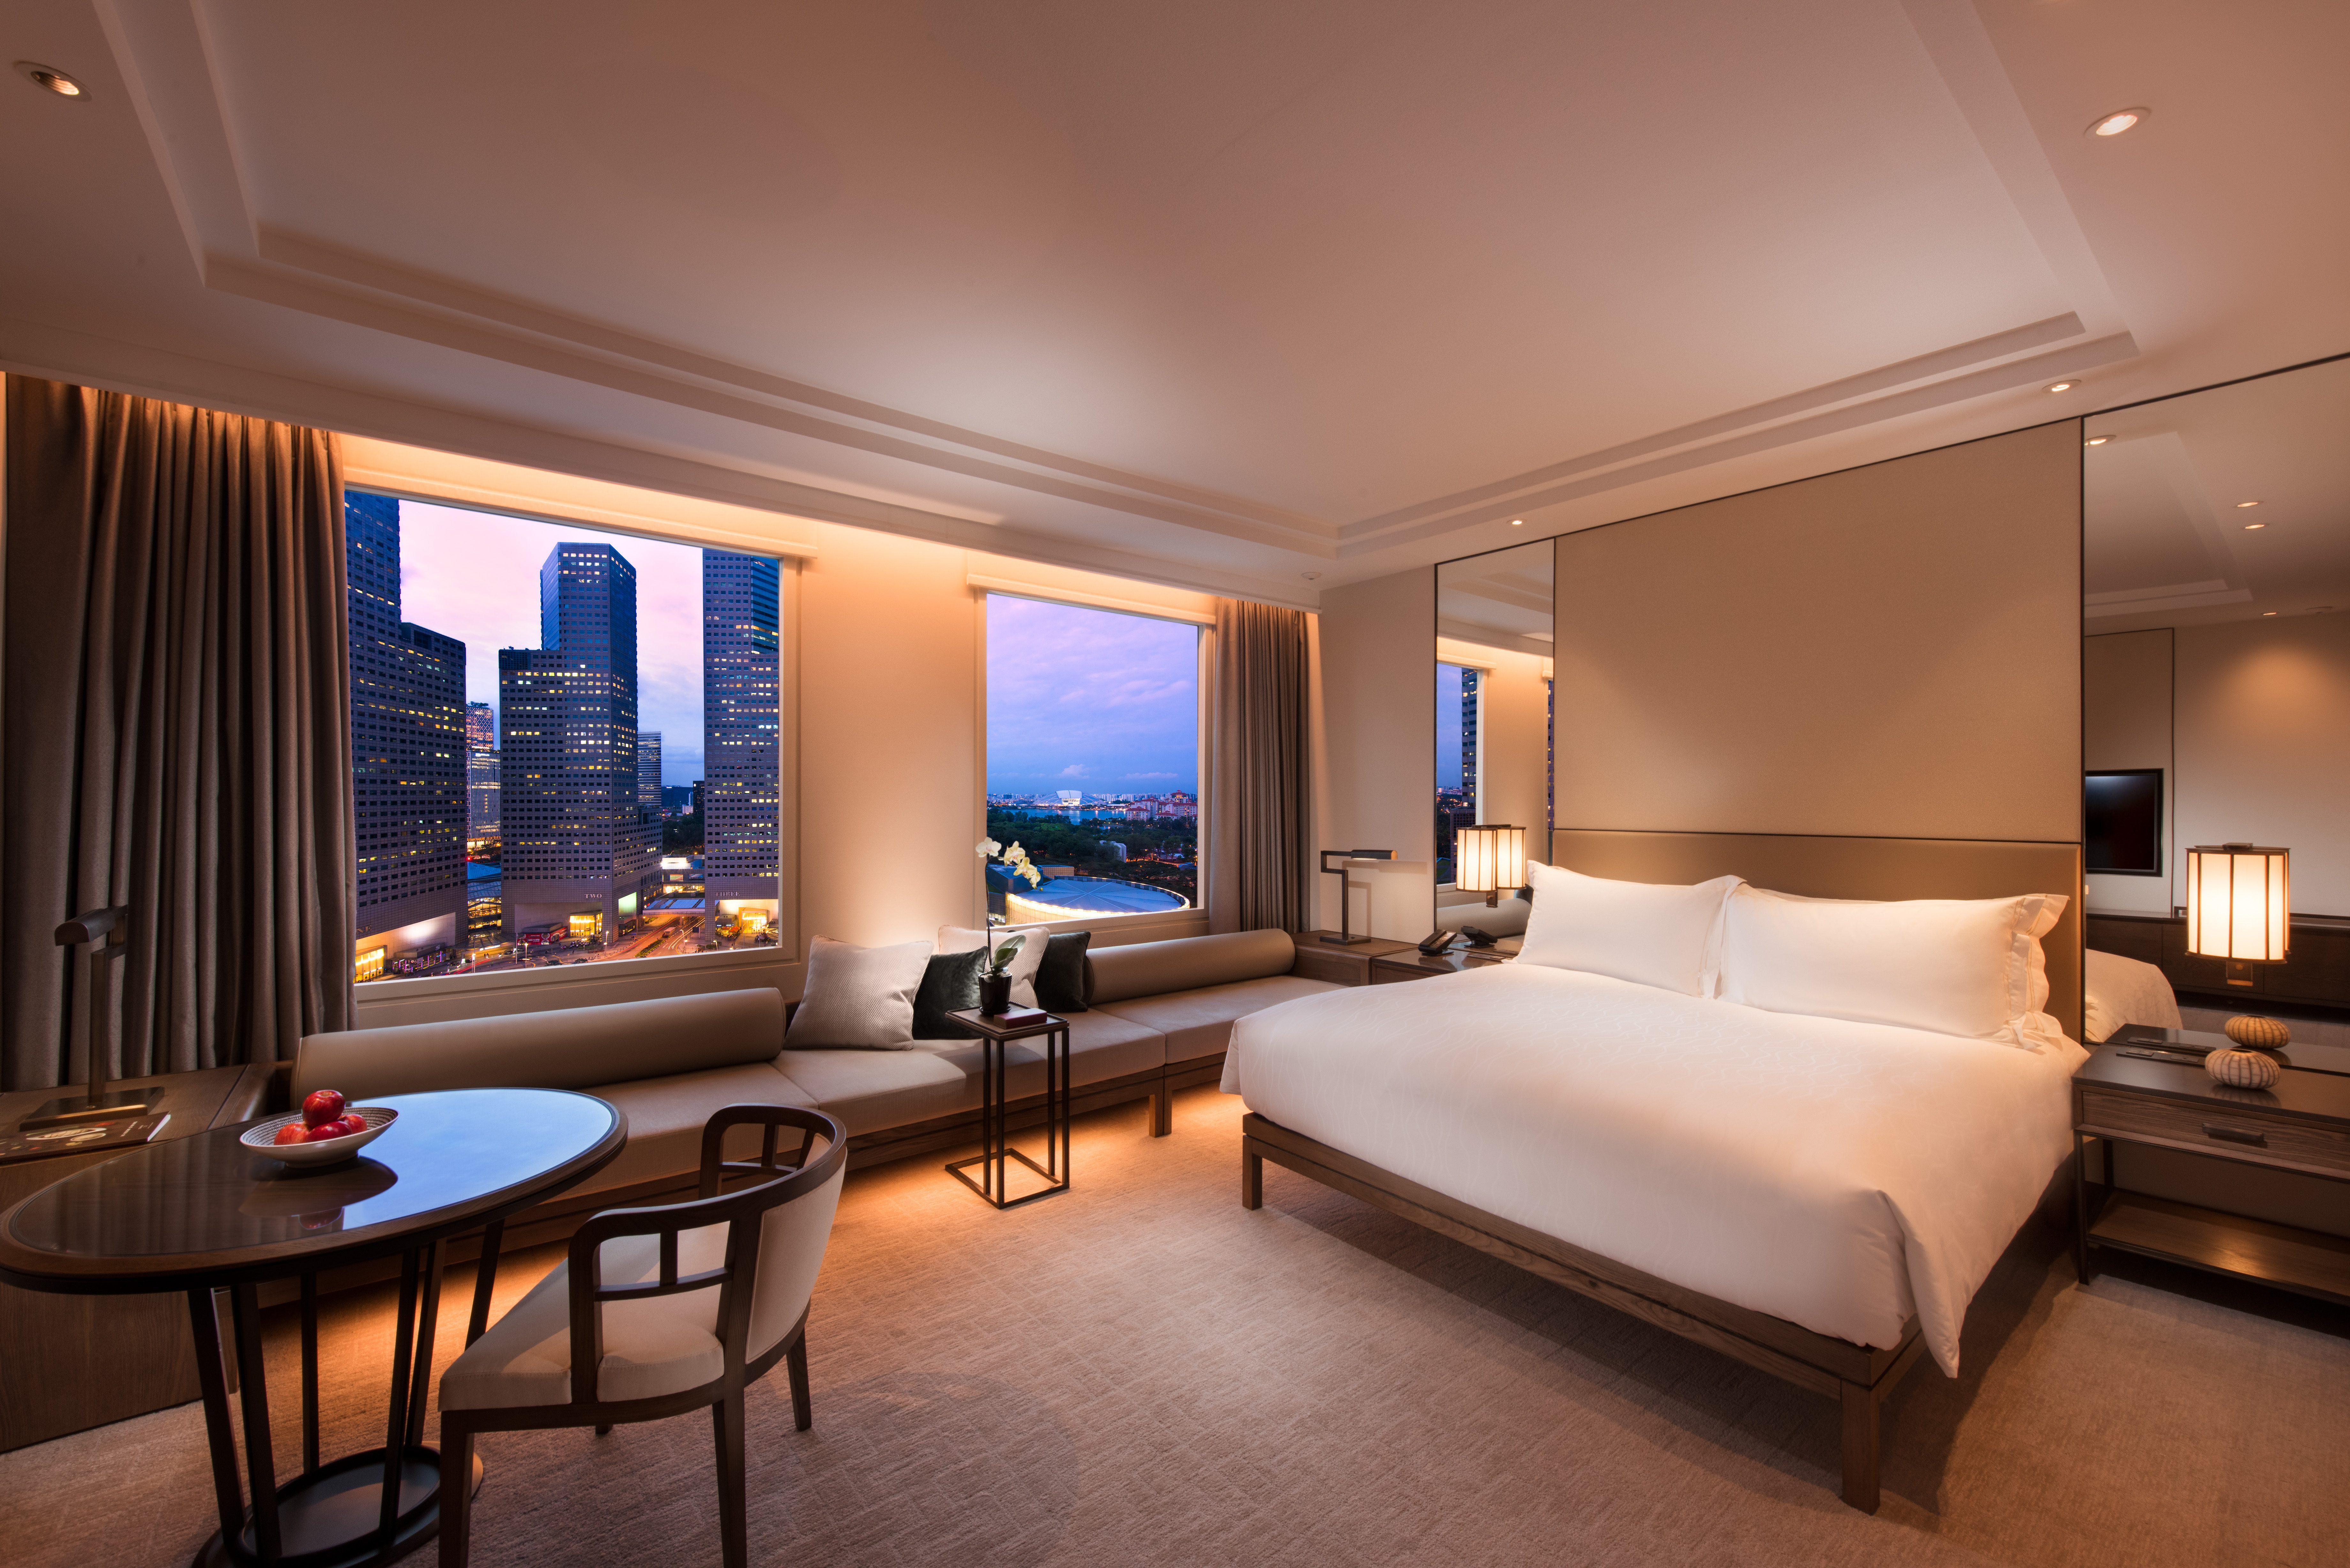 Hilton Conrad Centennial Singapore